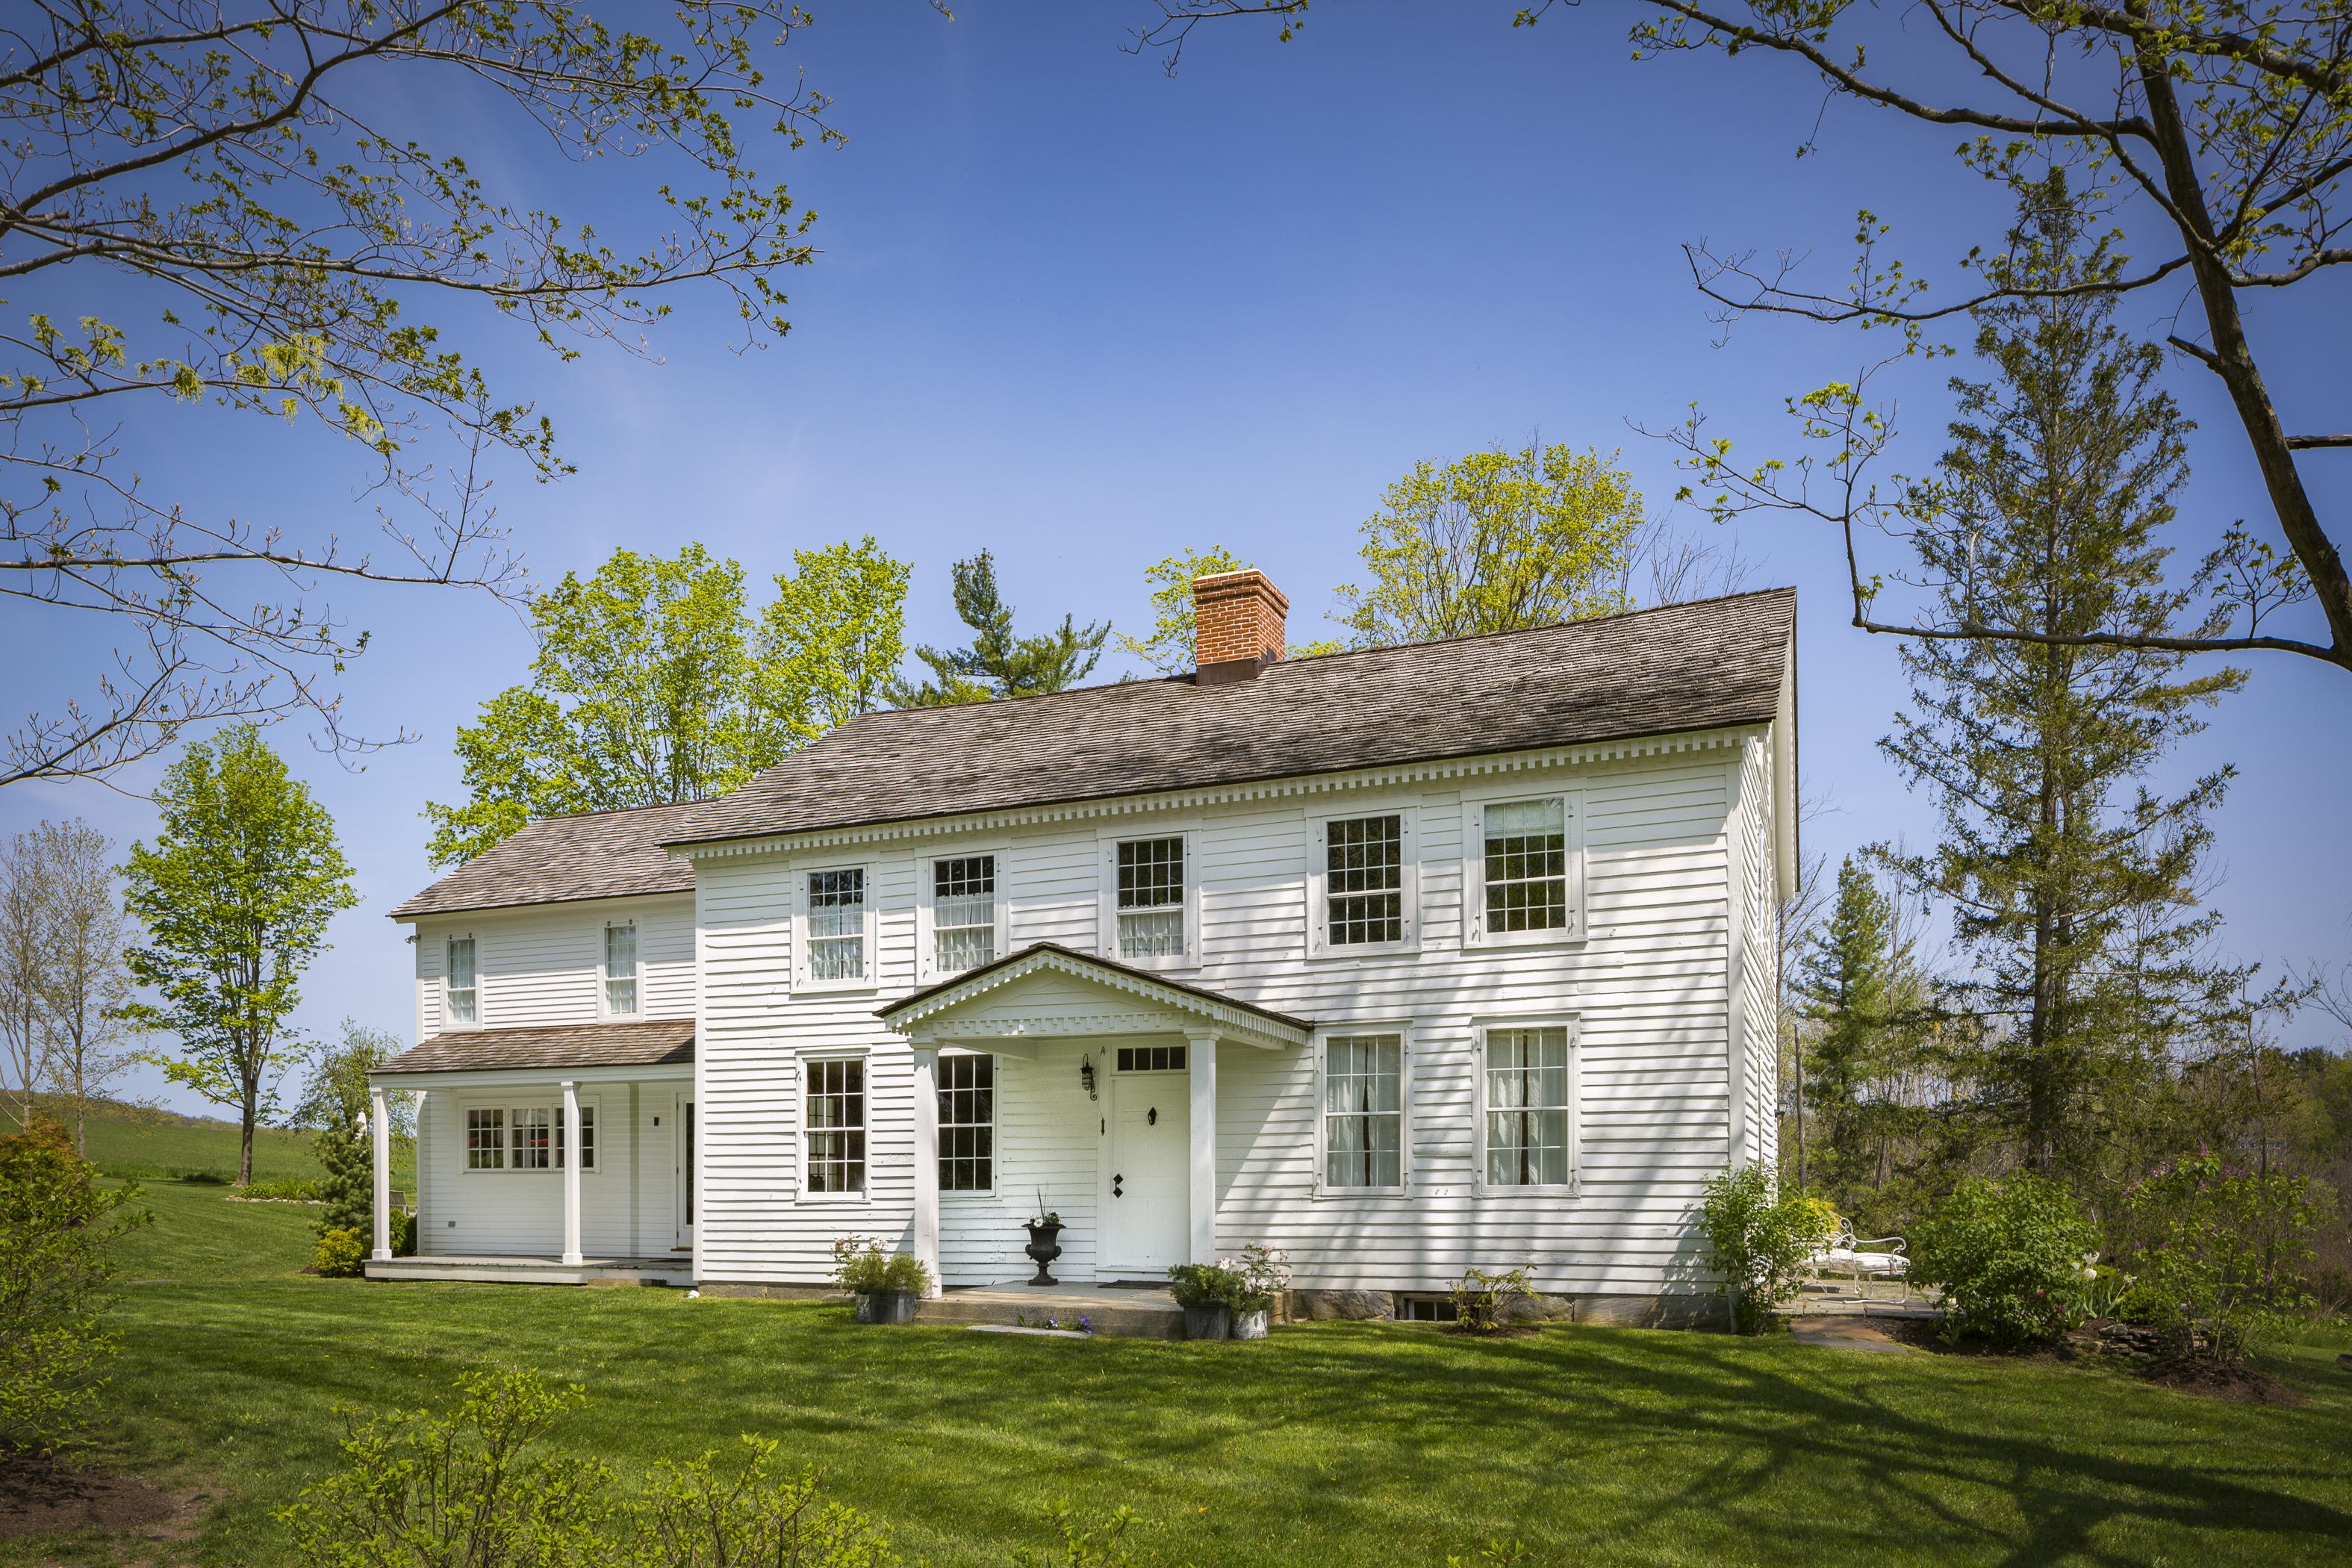 Casa Unifamiliar por un Venta en Circa 1830 Colonial 2 Benton Hill Rd Sharon, Connecticut, 06069 Estados Unidos